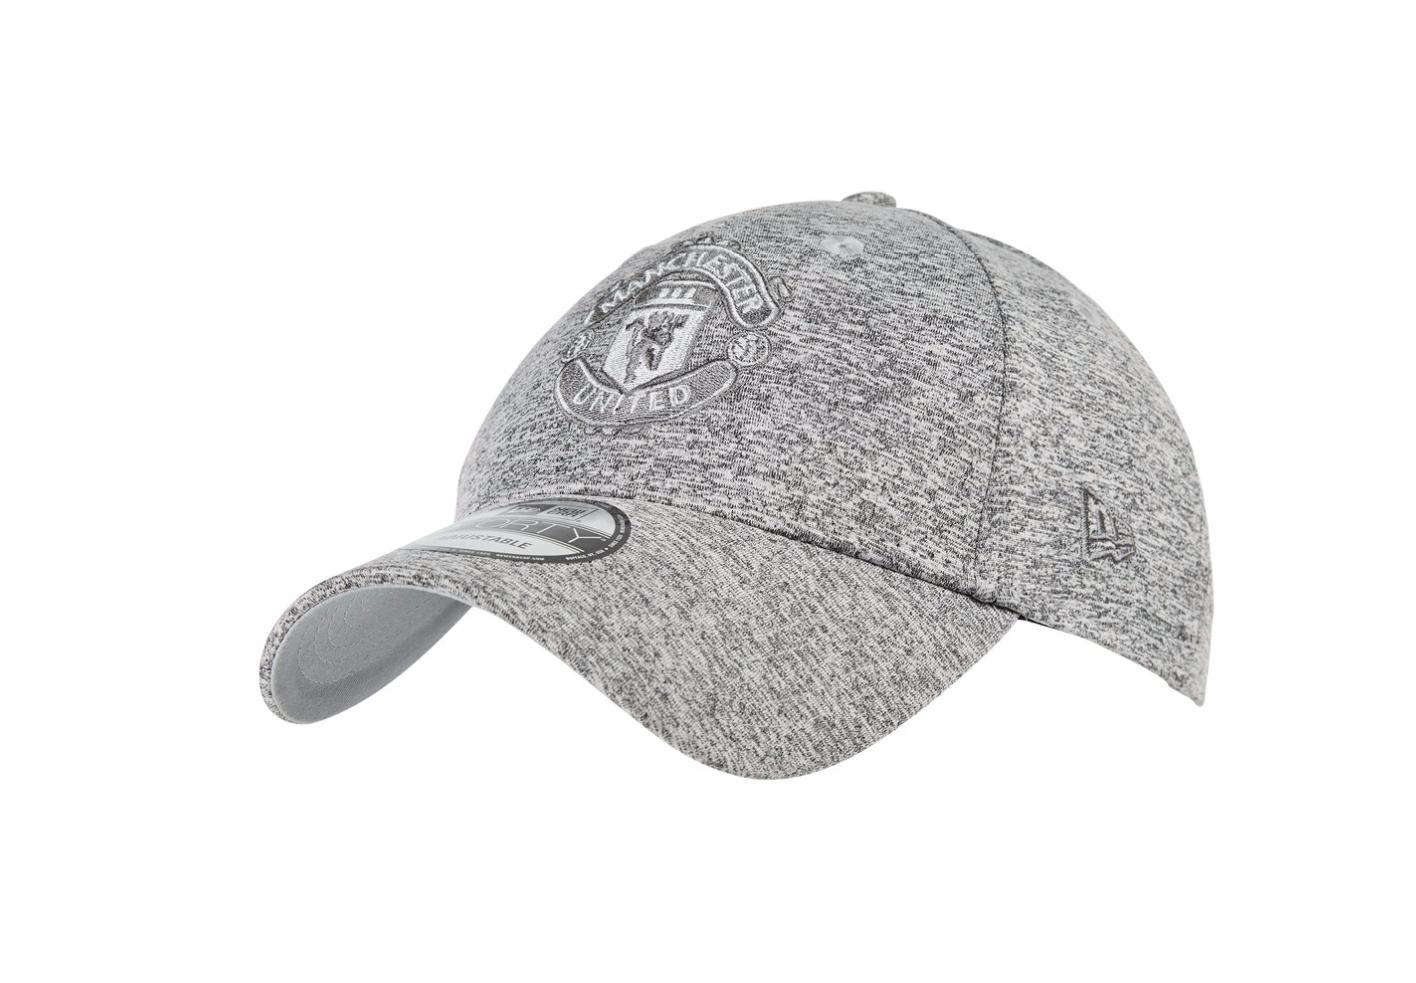 หมวกแก๊ปแมนเชสเตอร์ ยูไนเต็ด นิวอีร่า เจอร์ซี่ 9โฟร์ตี้ สีเทาของแท้